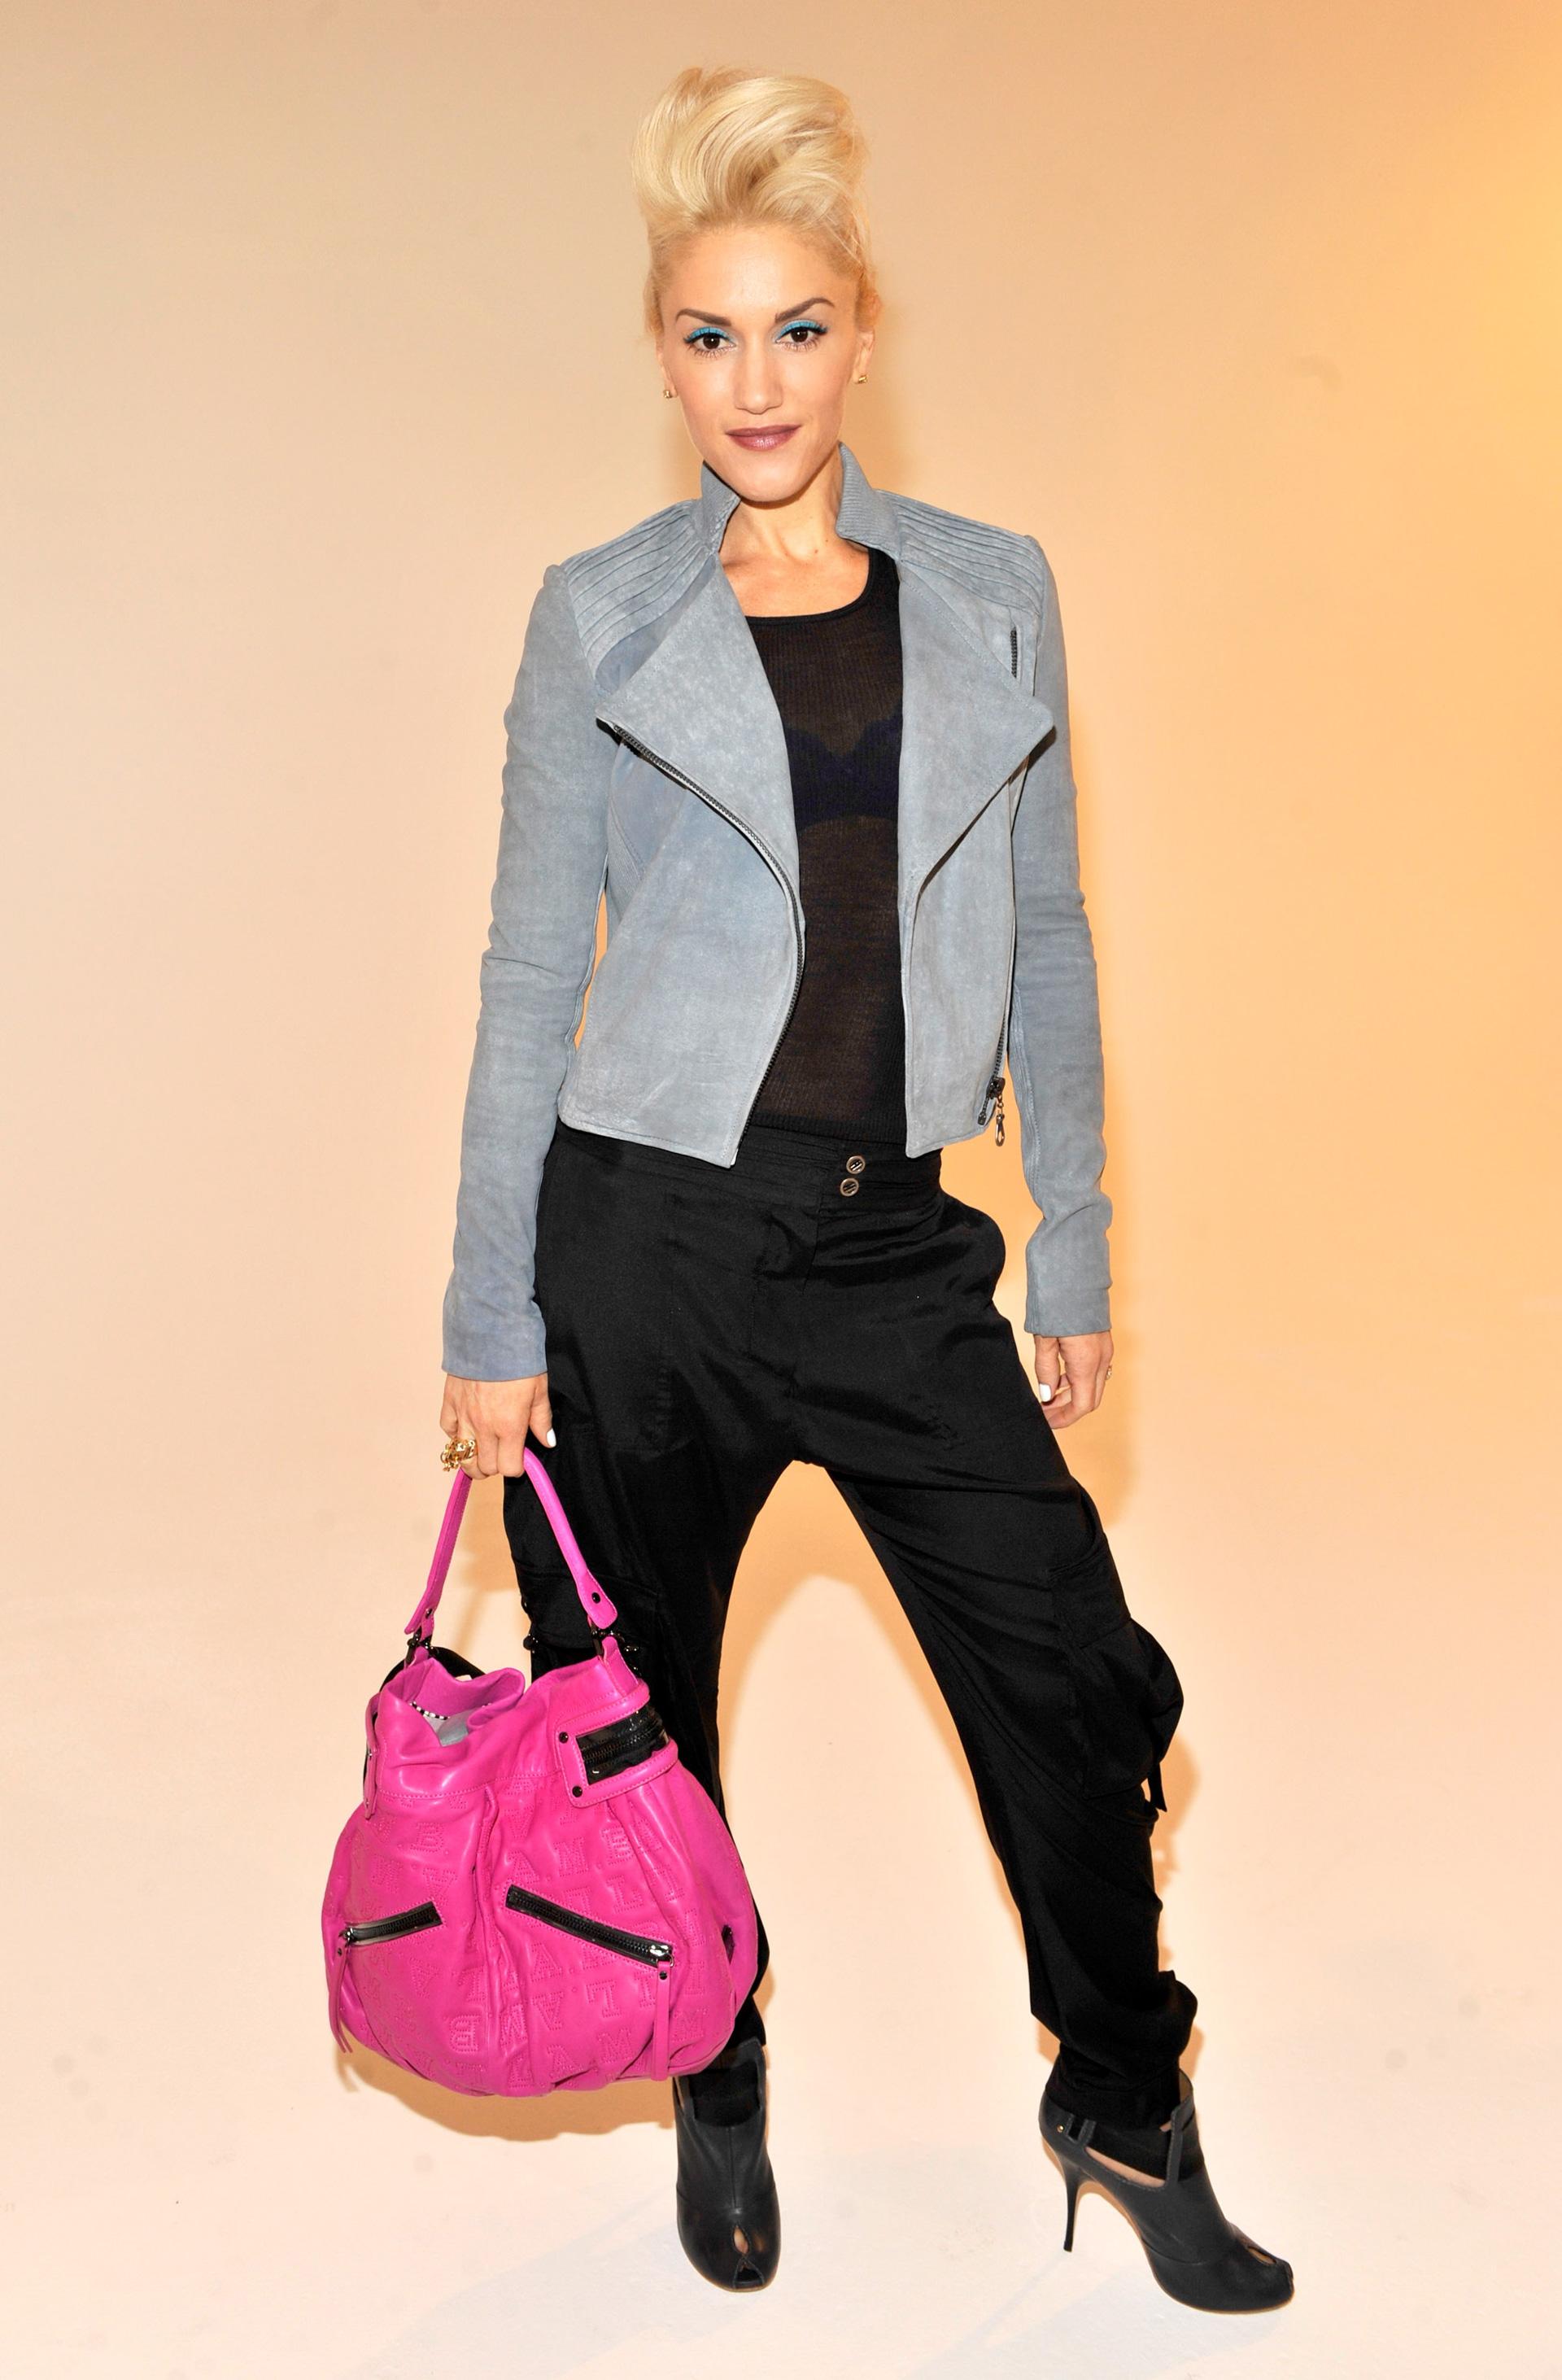 Gwen Stefani: 2010 and beyond 2